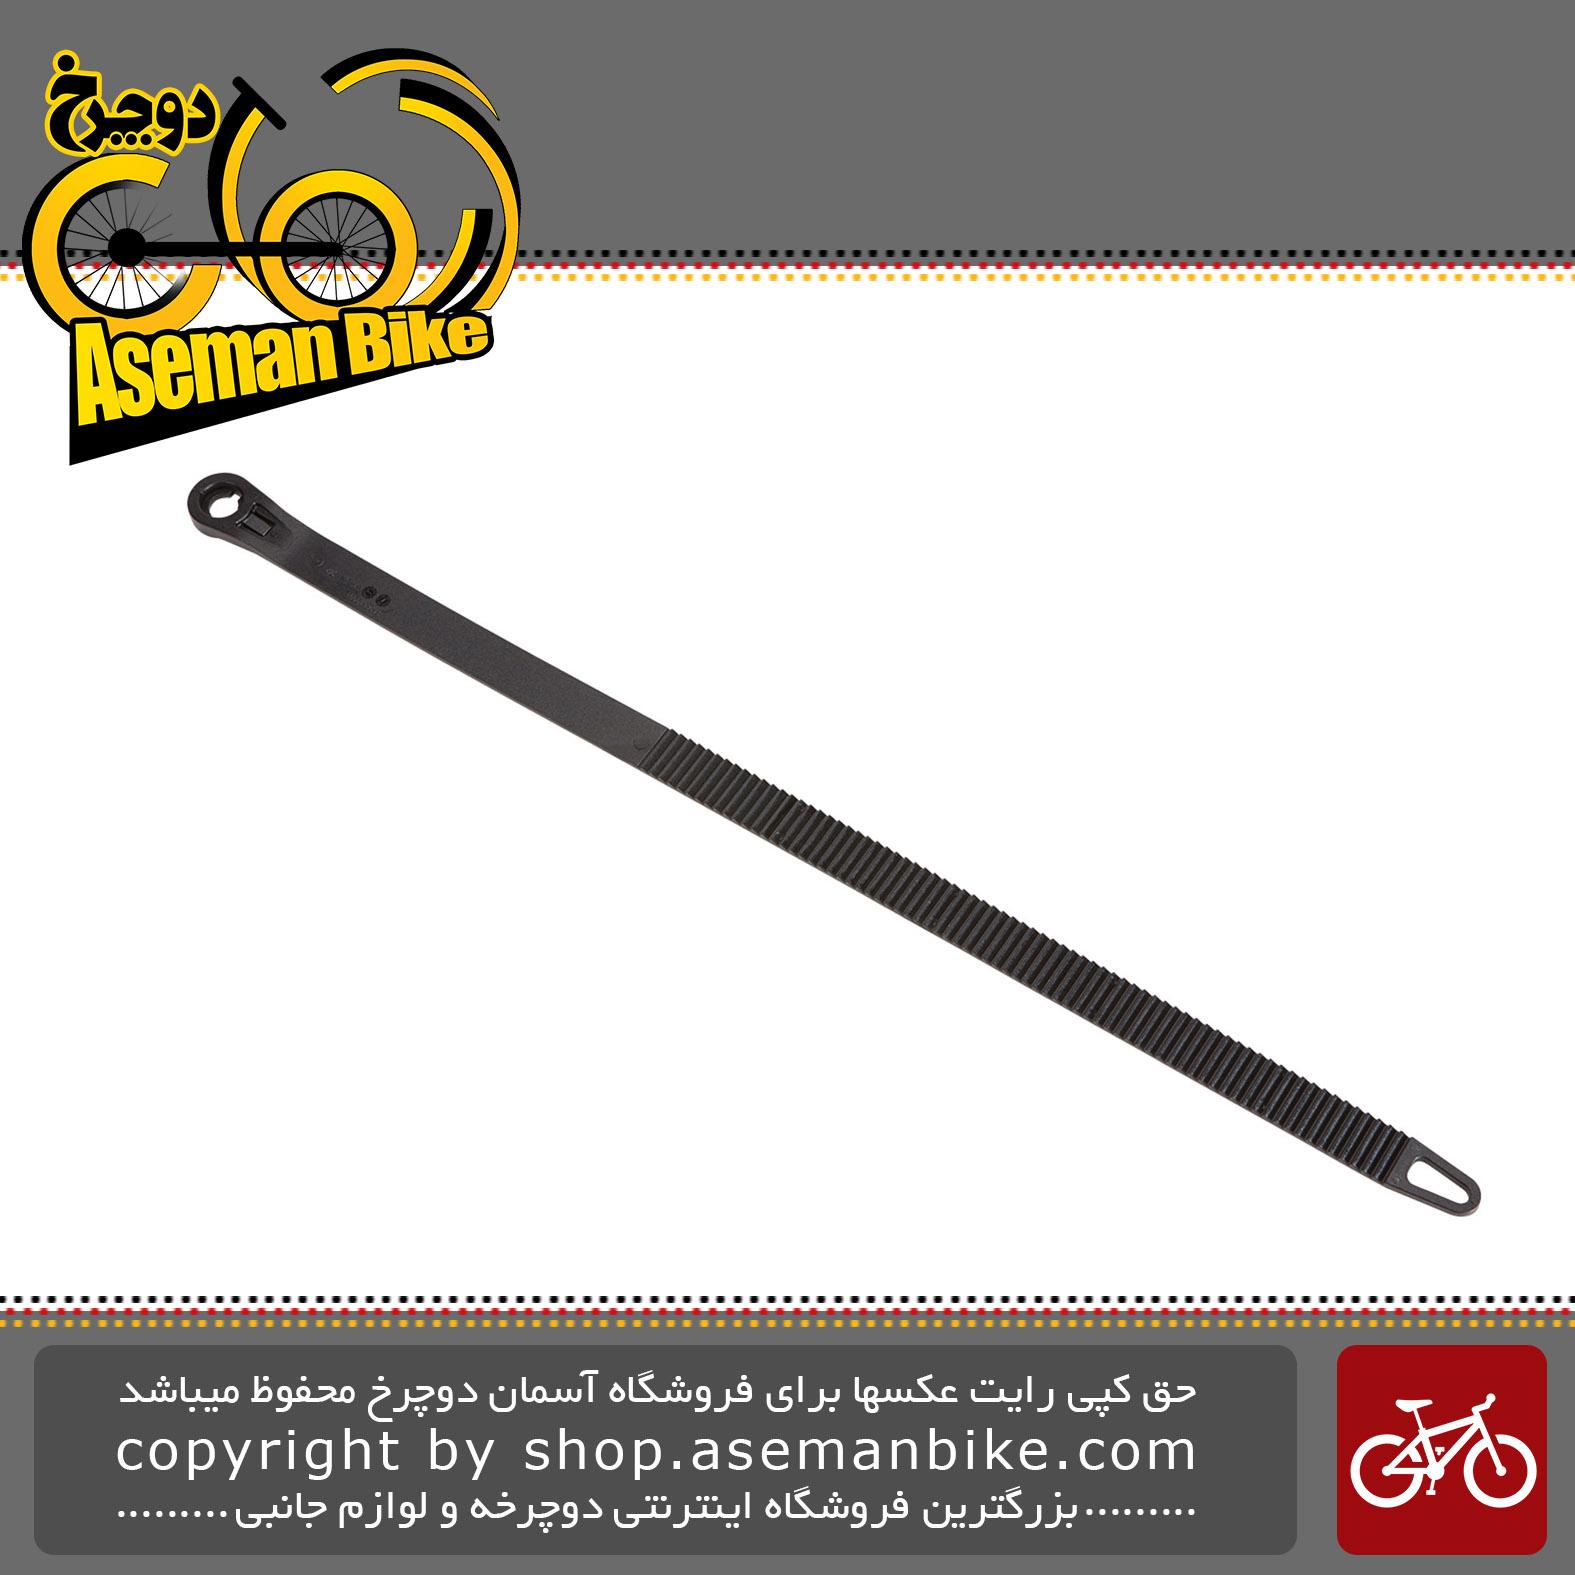 تسمه جهت محکم کردن دوچرخه بر روی پایه باربند تول Thule Extra Long Frame Strap